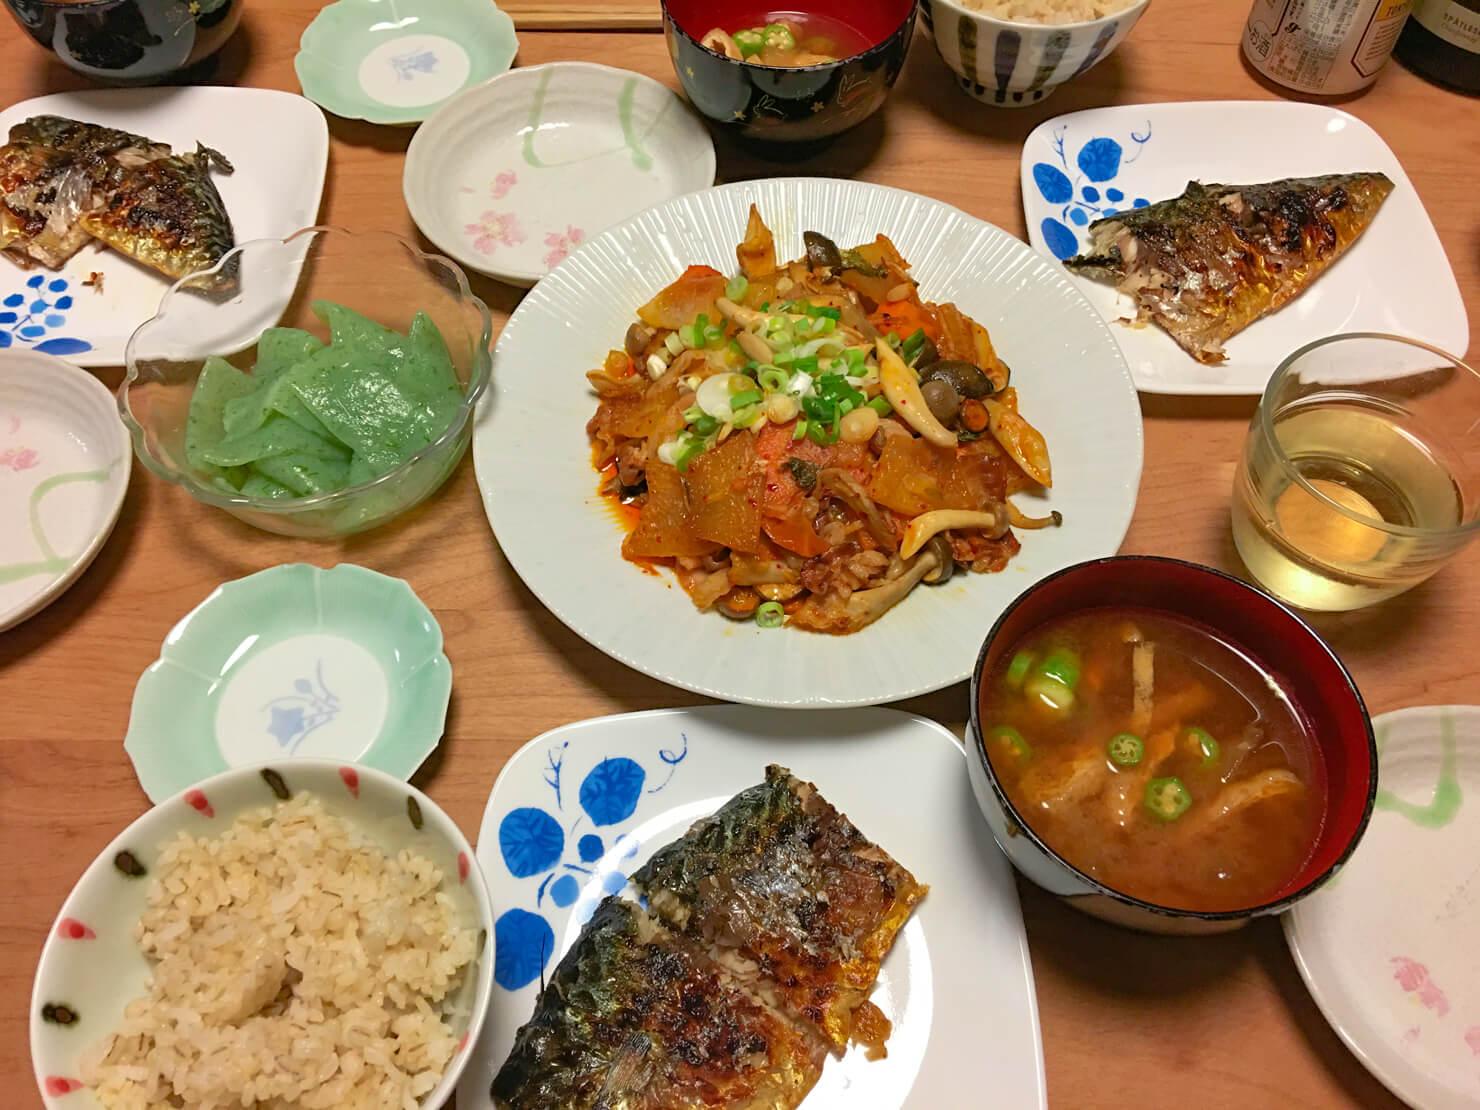 冬瓜と豚バラとキムチの炒め物中心の夕食の写真